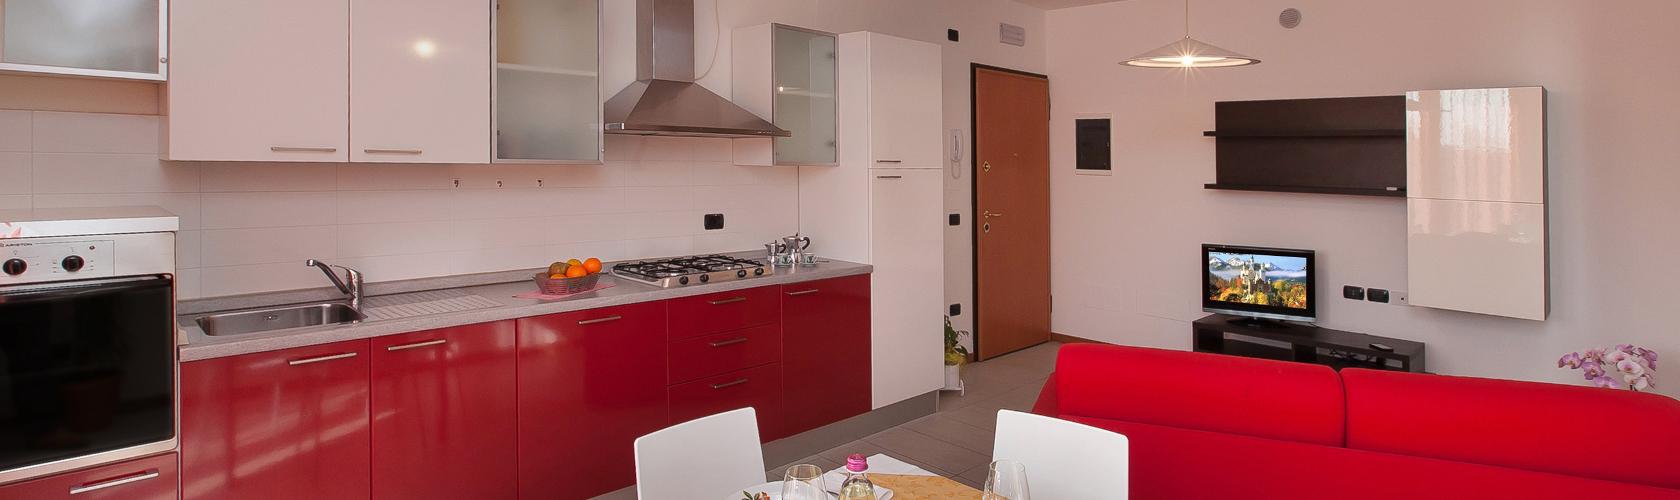 Residence Marchesini